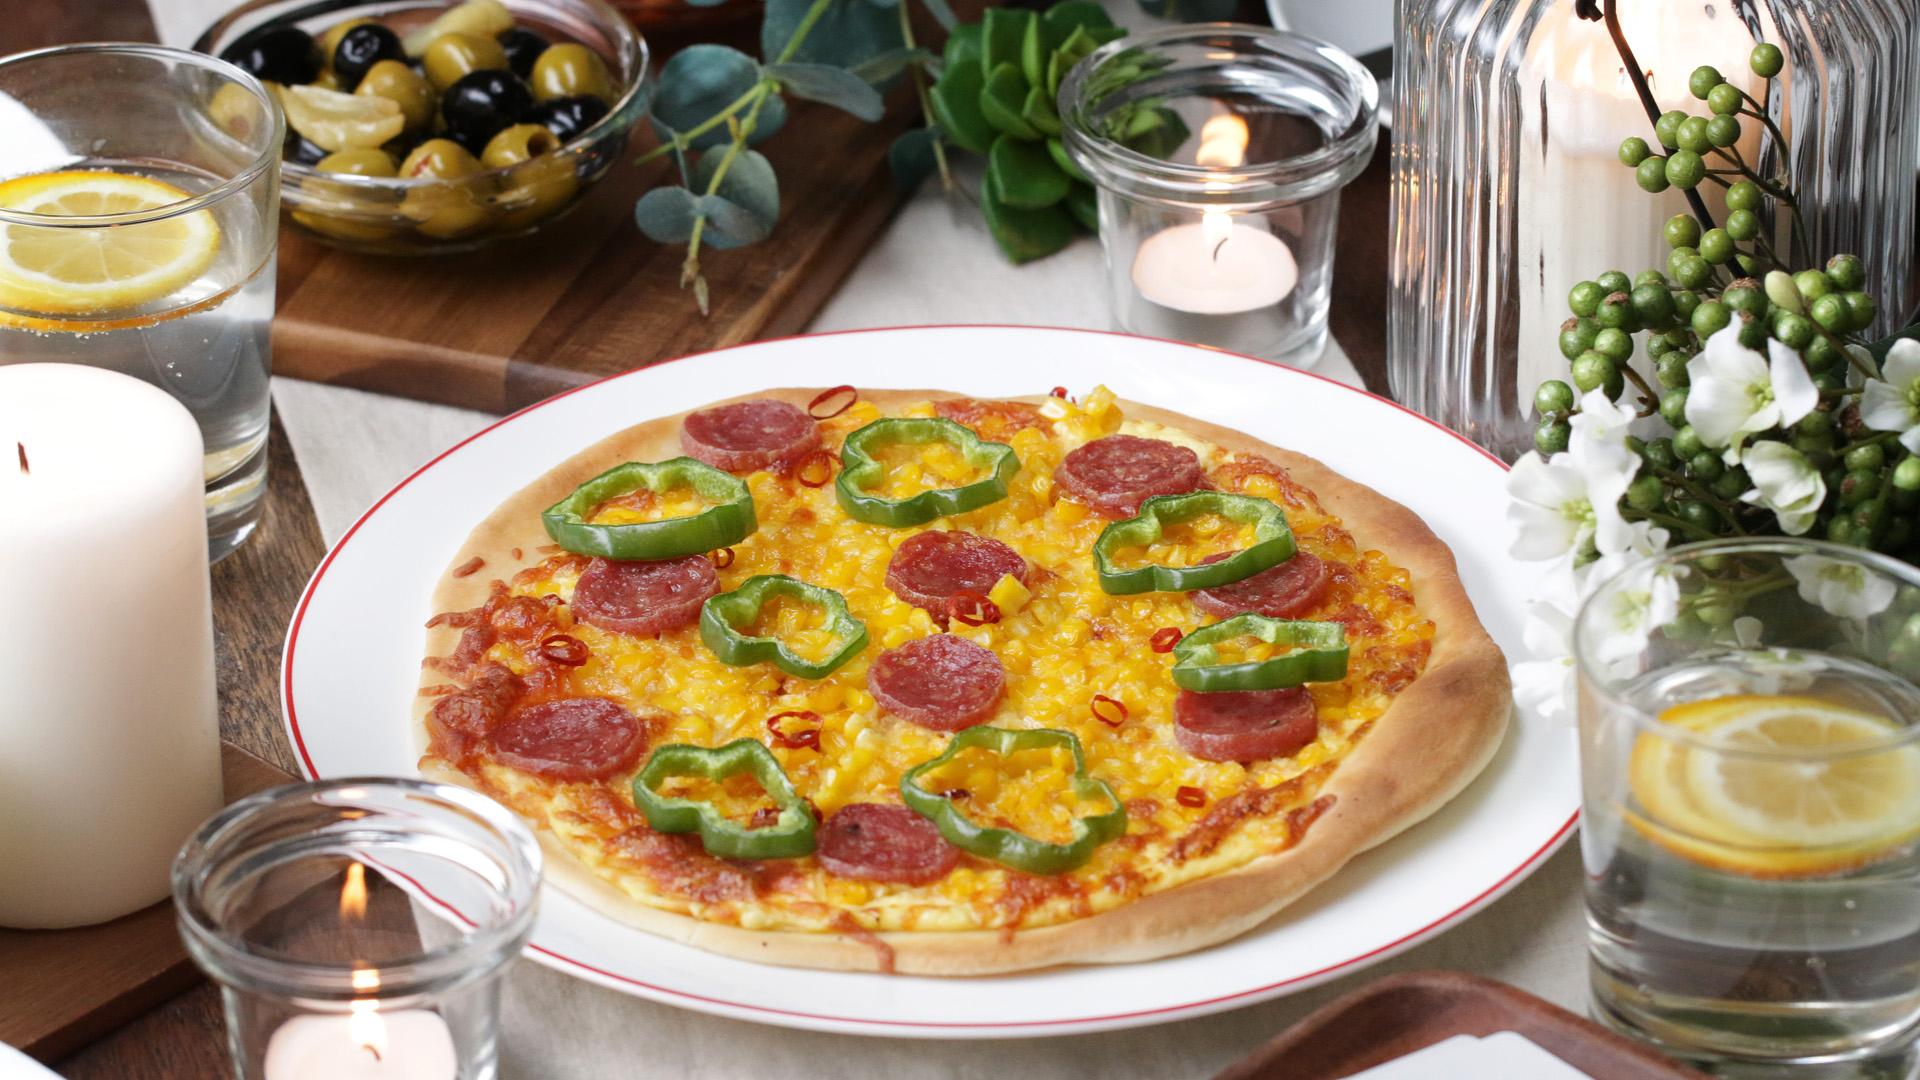 【動画】みんなで食べたい!コーンとサラミのクリスピーピザの作り方